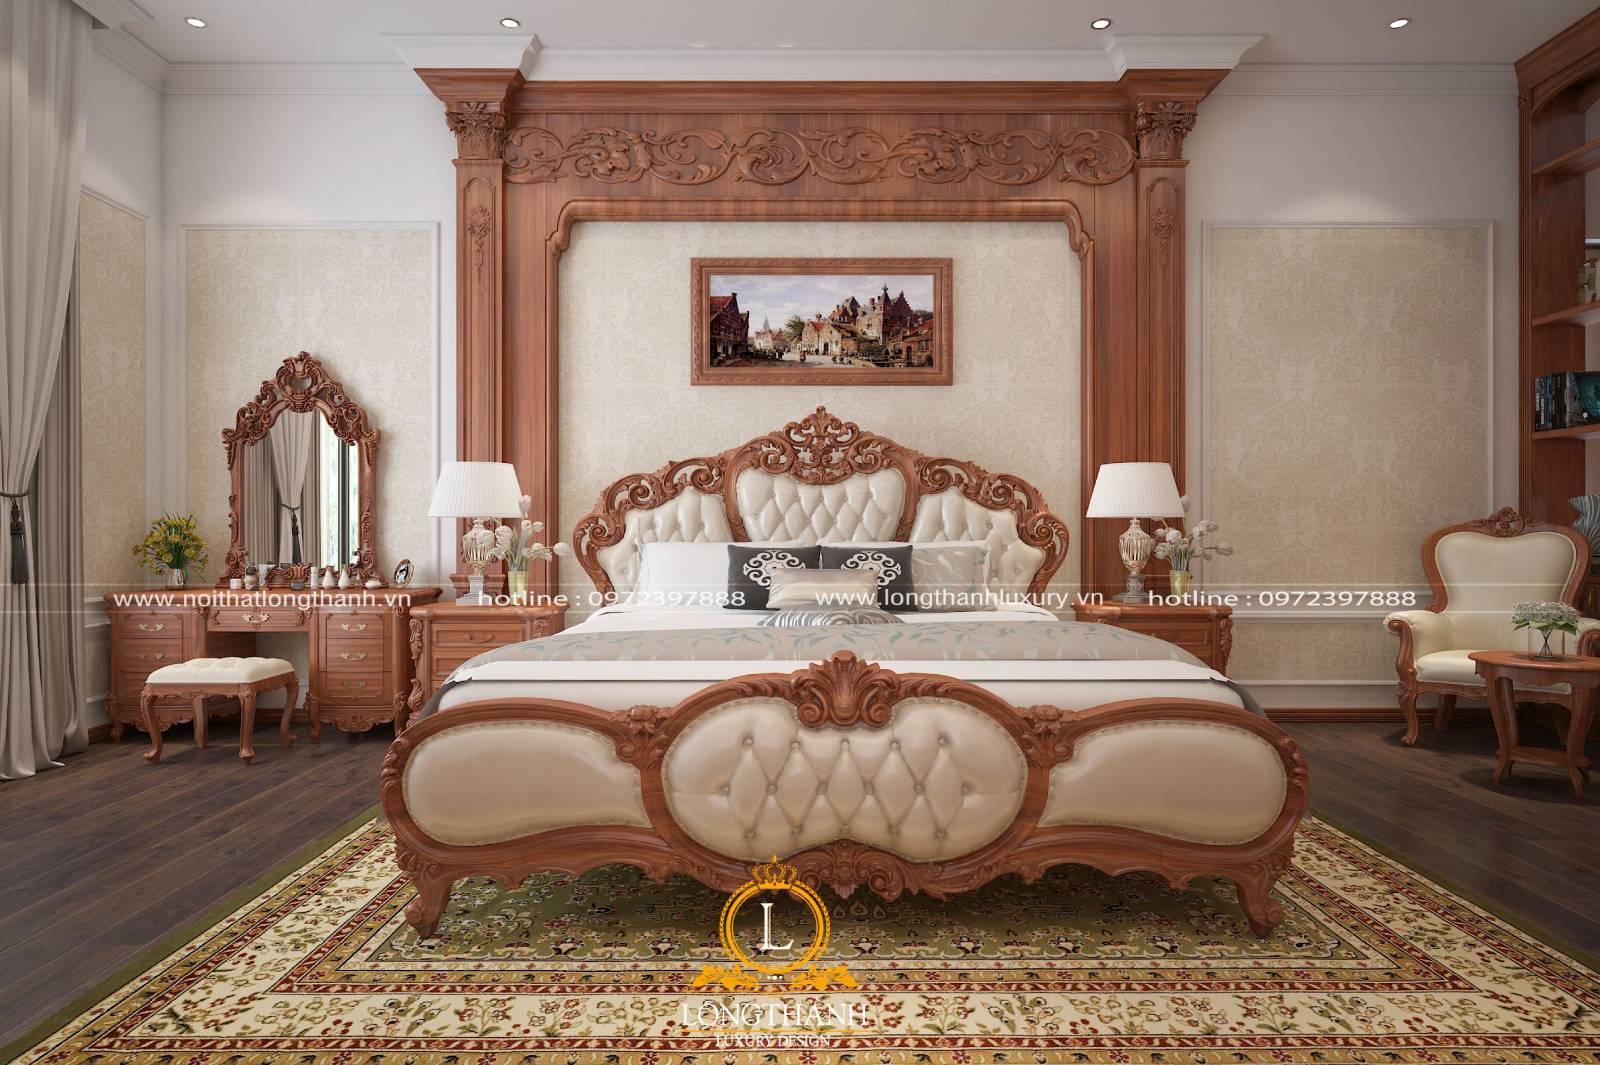 Một chiếc giường ngủ bằng gỗ tự nhiên có hương thơm tự nhiên